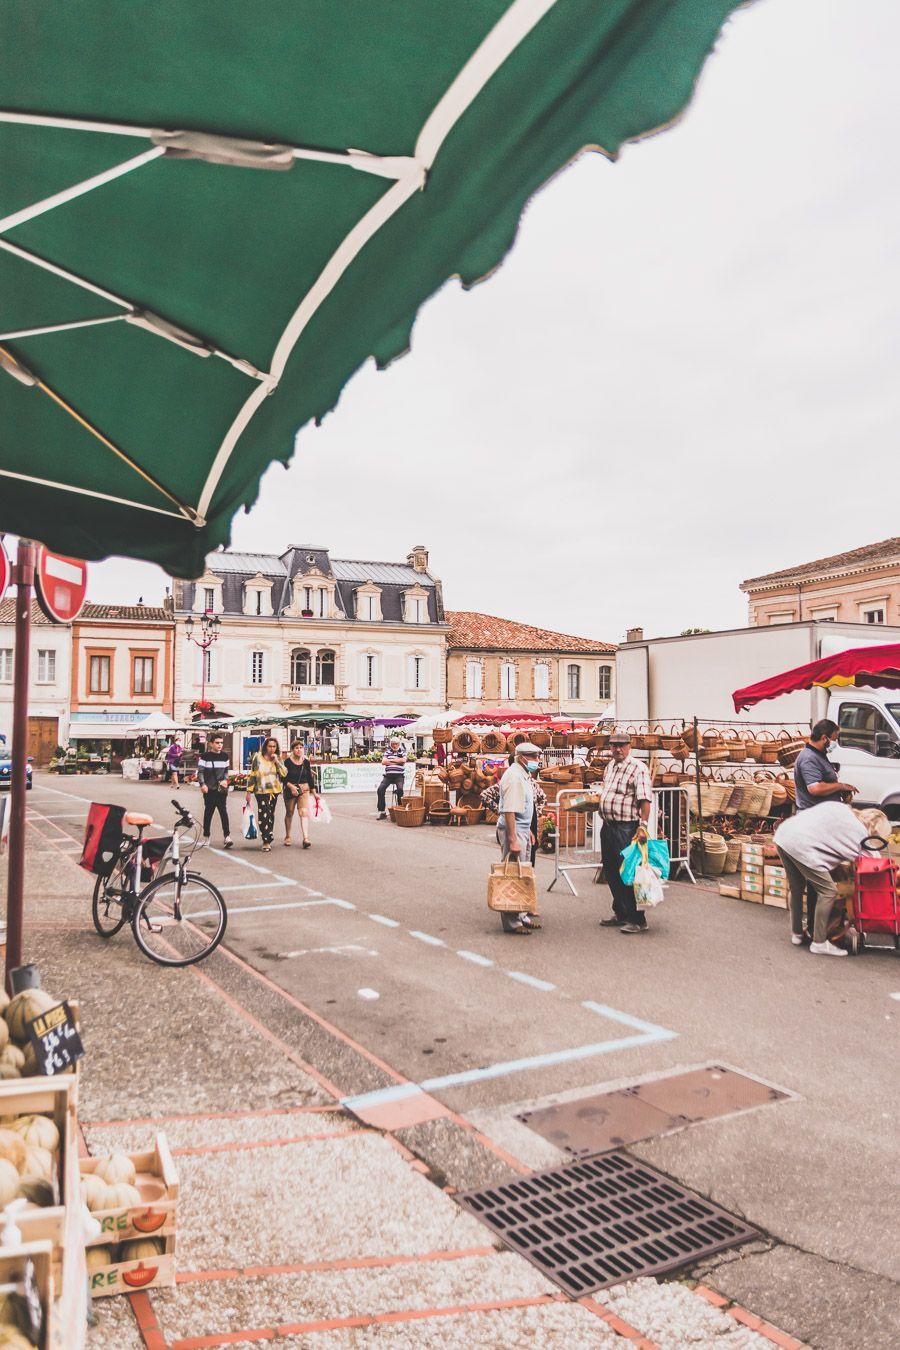 Marché de l'Isle-Jourdain dans le Gers